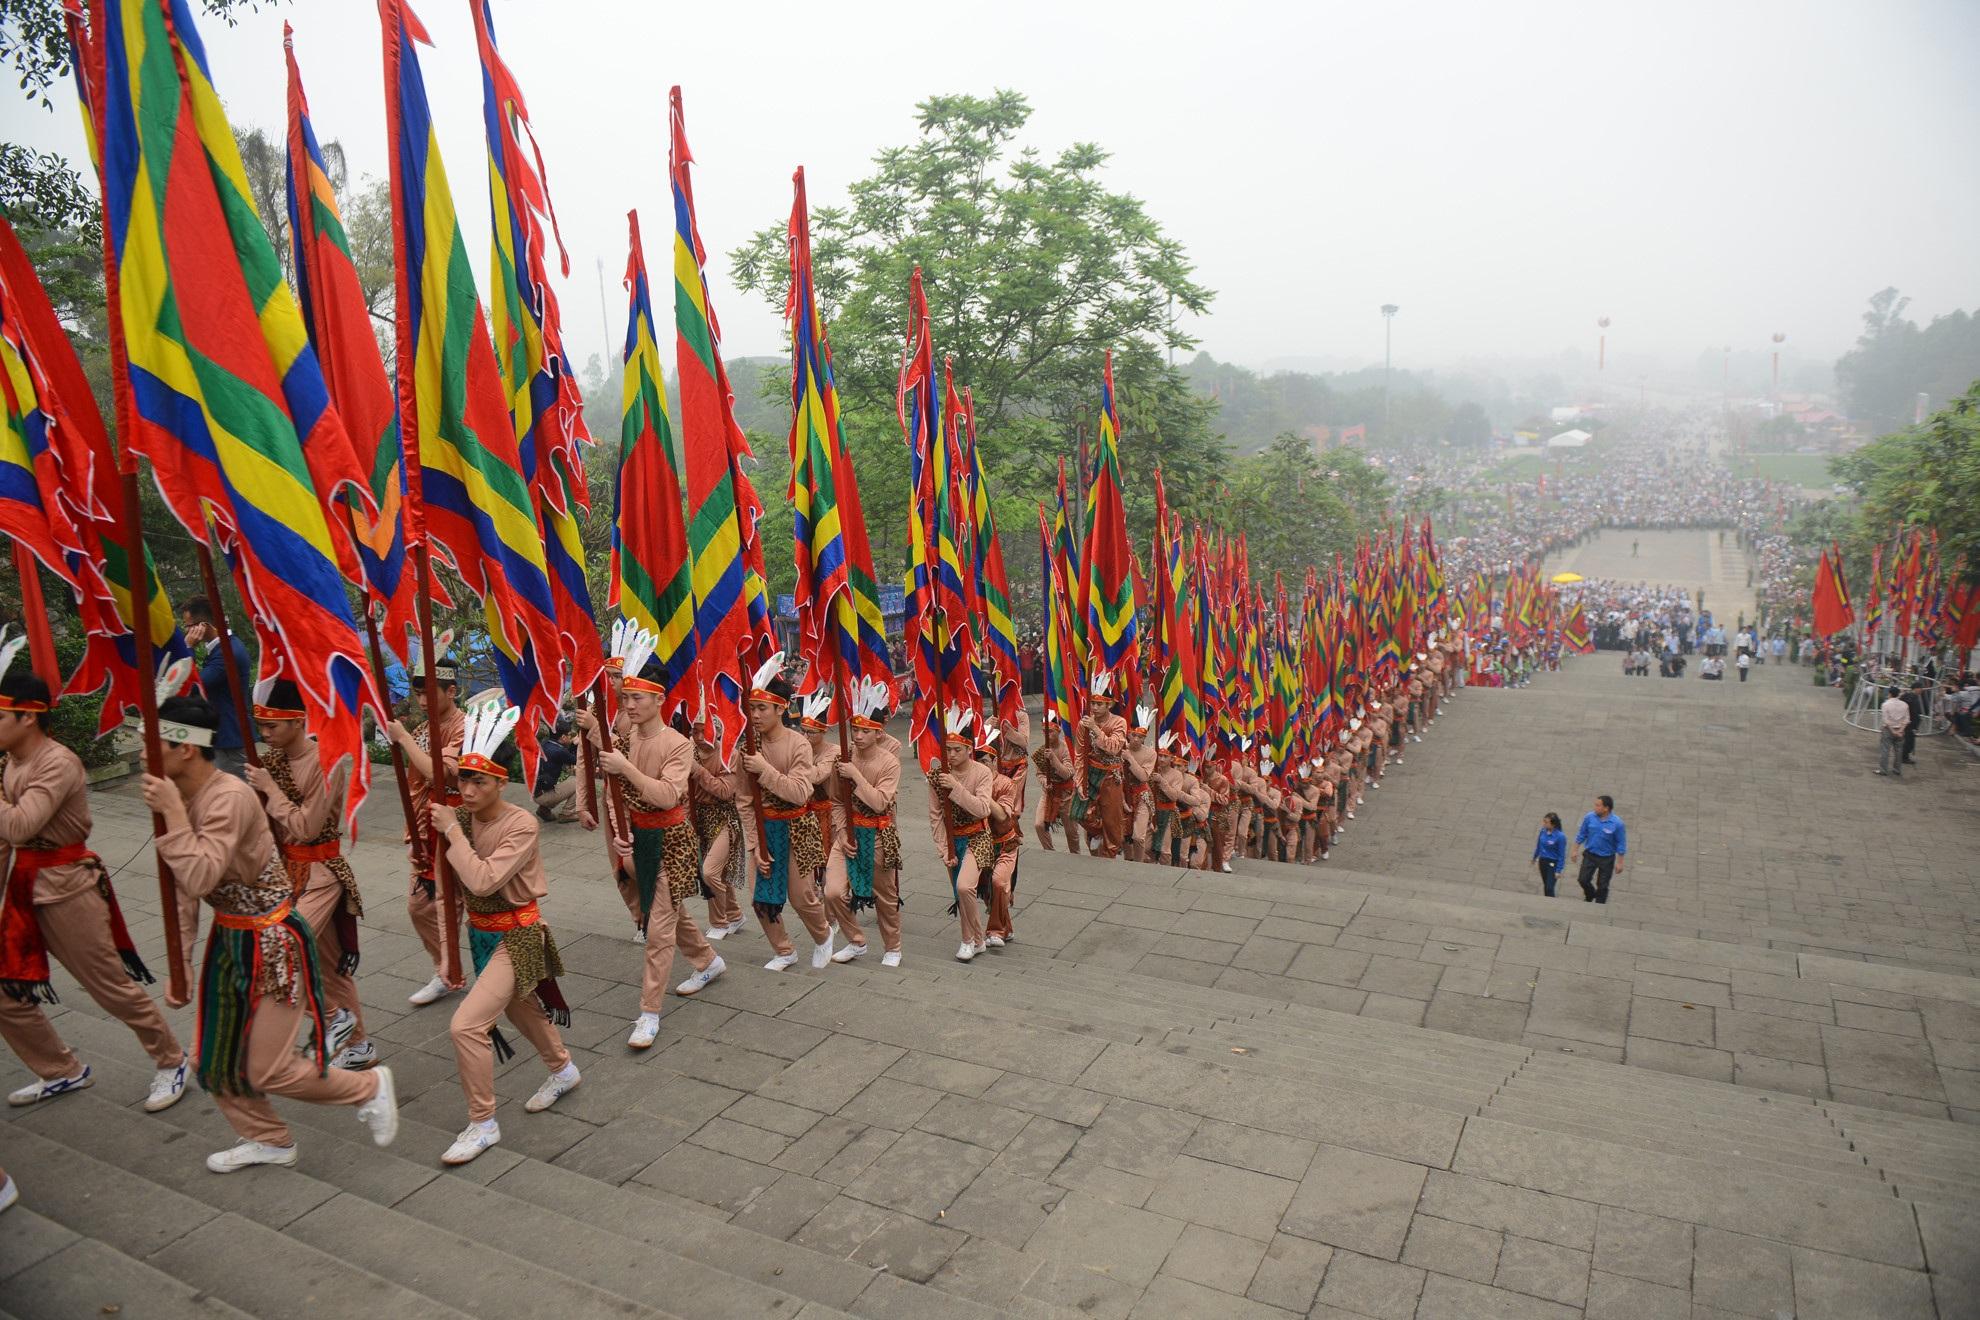 Theo họa sĩ Trần Khánh Chương, việc xây dựng tượng đài Vua Hùng trong khu vực quảng trường trước đền Hạ sẽ góp phần giảm tải cho các di tích thờ tự vua Hùng trên núi. Ảnh: TL.